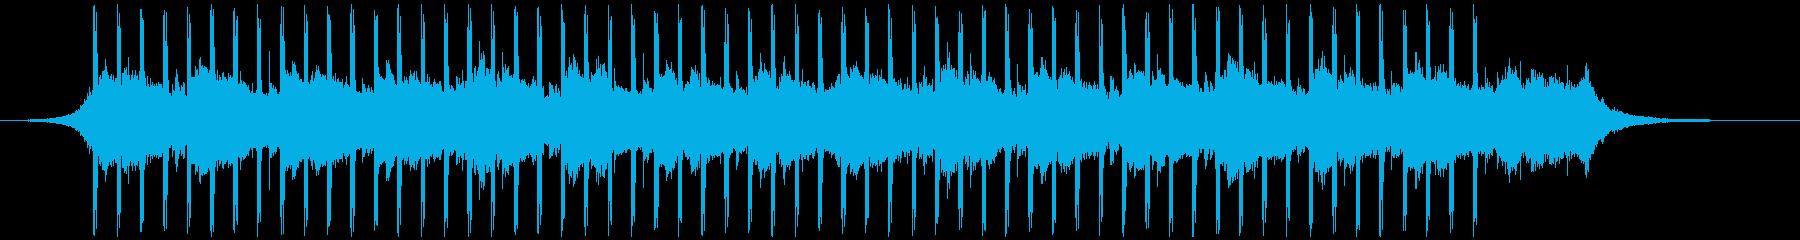 作品(38秒)の再生済みの波形